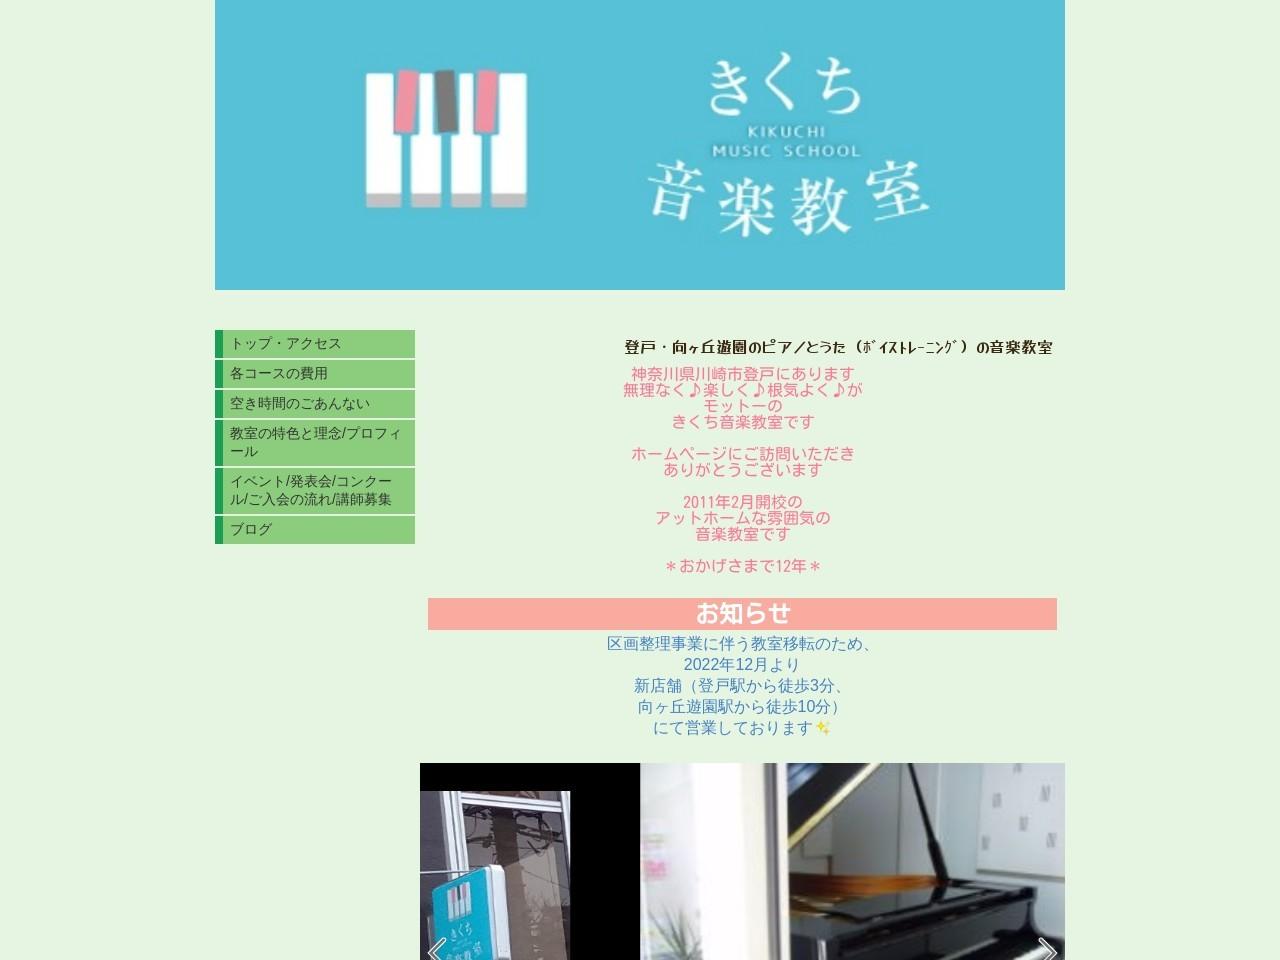 きくち音楽教室のサムネイル